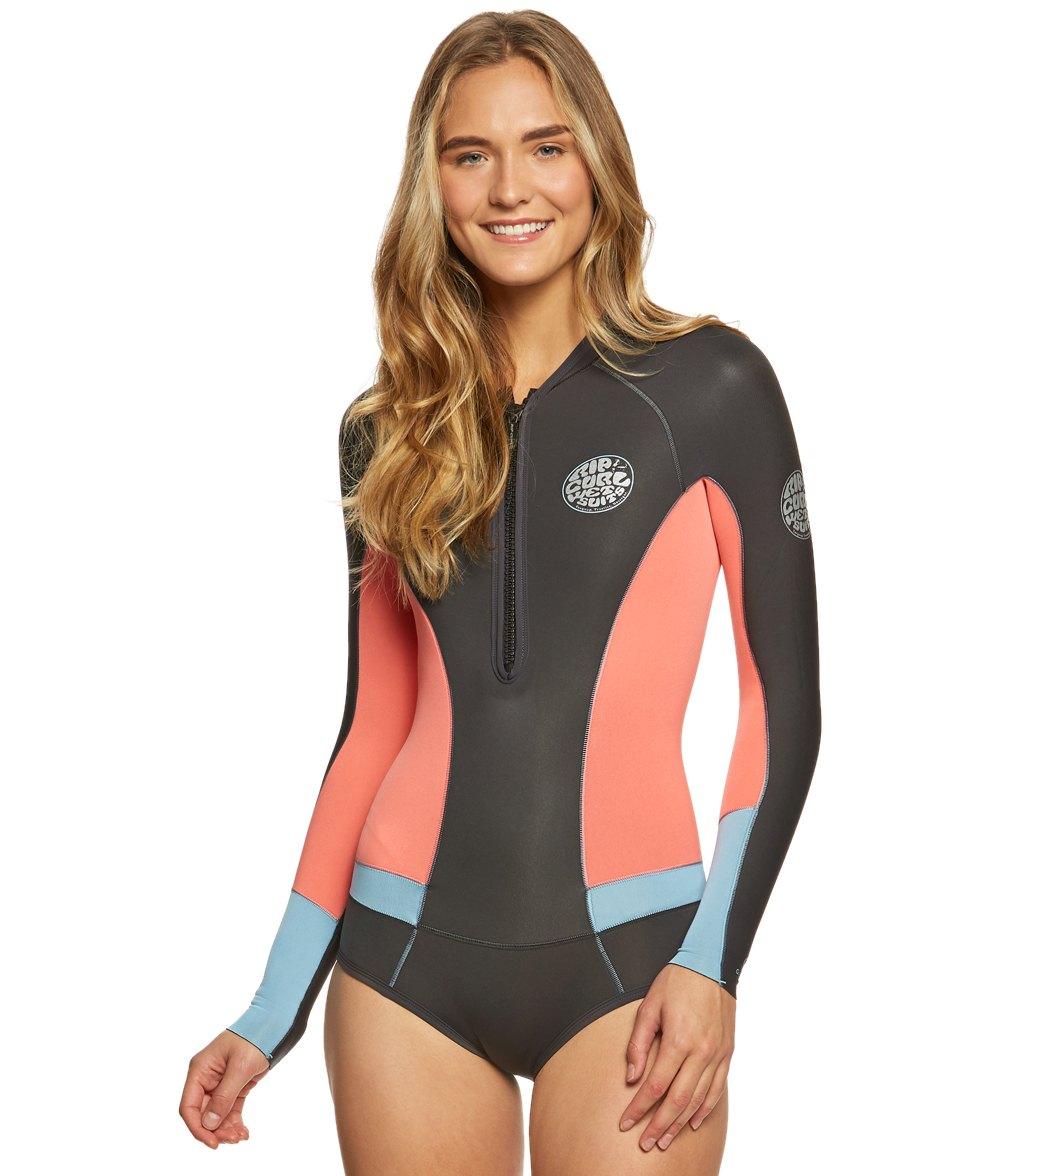 Best Spring Suit Wetsuit Rip Curl Women S 1mm G Bomb Long